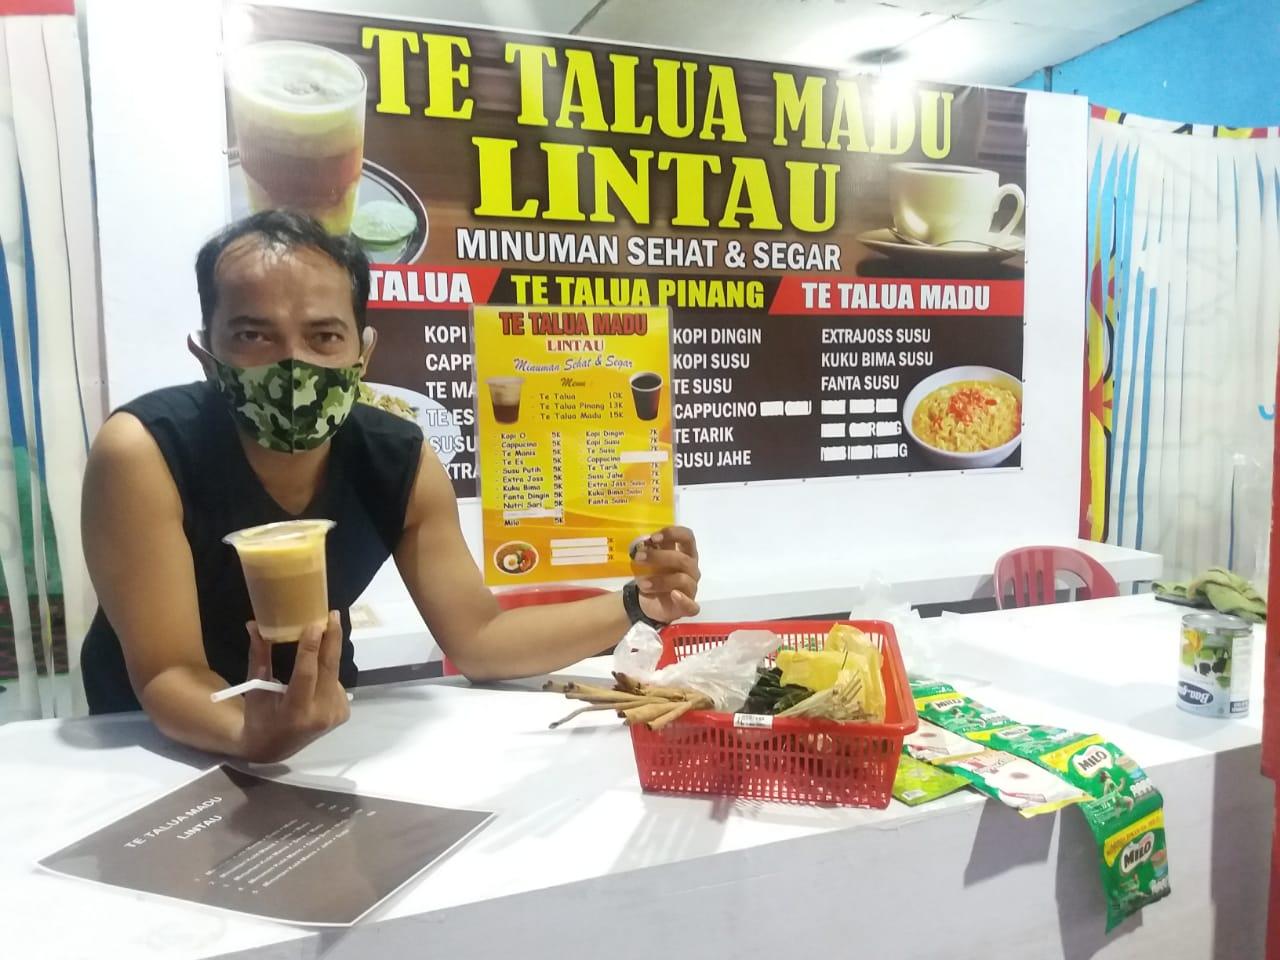 Hadir di Kota Pekanbaru 'Te Talua Madu - Lintau' Minuman Ketahanan Tubuh Saat Pandemi Covid-19